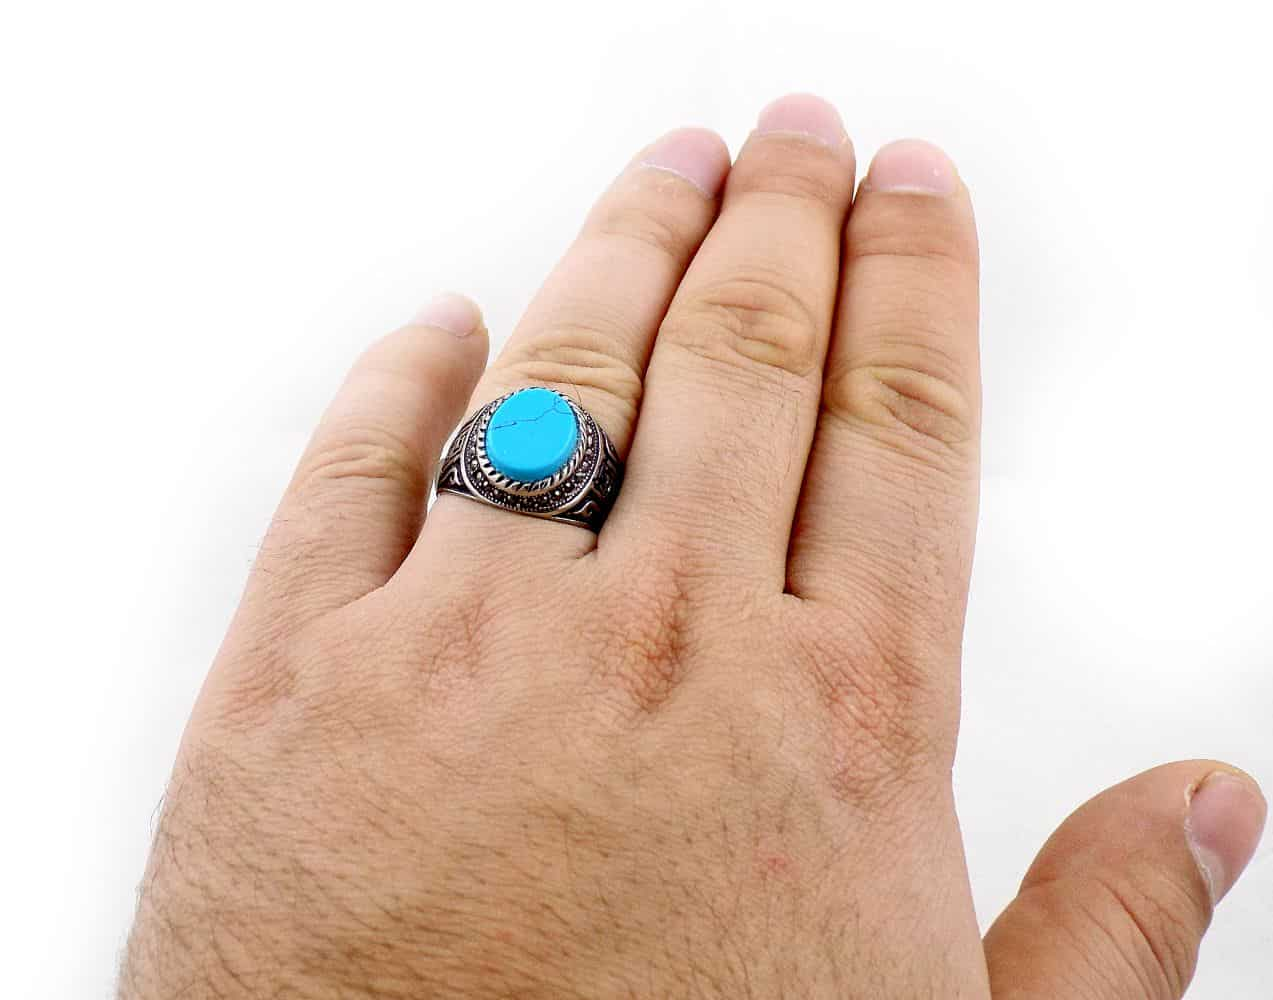 انگشتر مردانه استیل با طرح ورساچه و سنگ طرح فیروزه pr-ma114 از نمای بالا